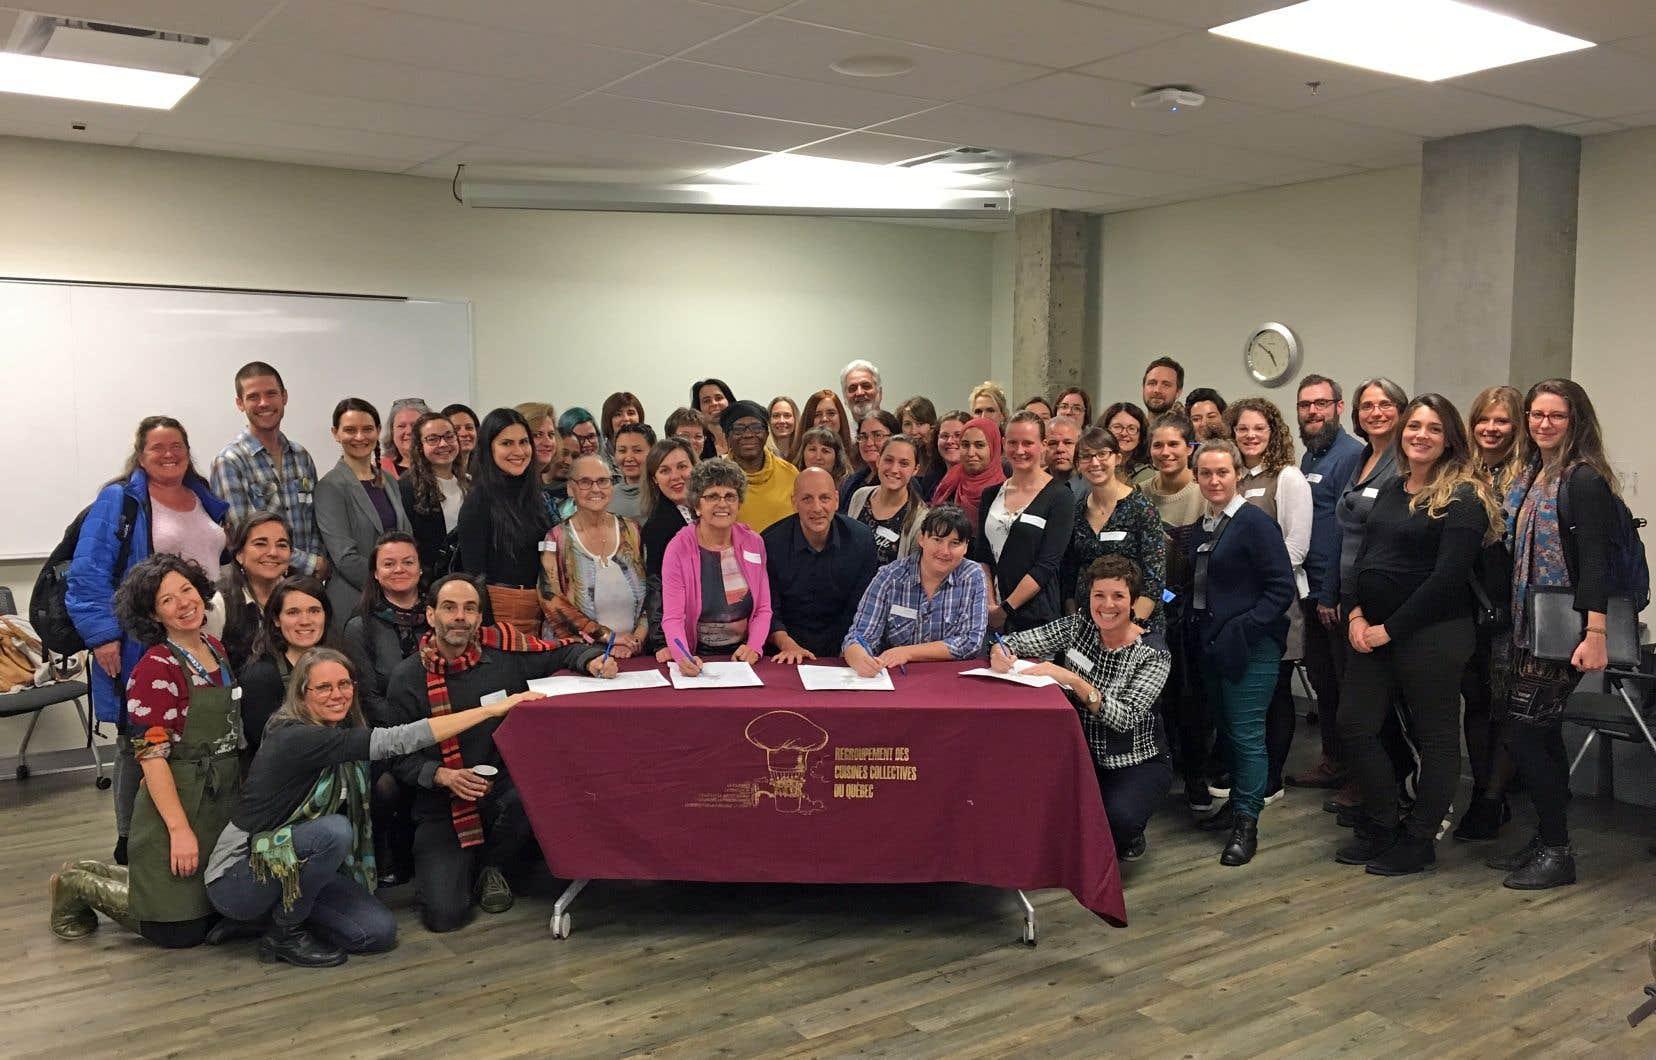 Les participants au premier symposium Montréal cuisine! (2 novembre) ont pu signer la Déclaration pour le droit à une saine alimentation au Québec.